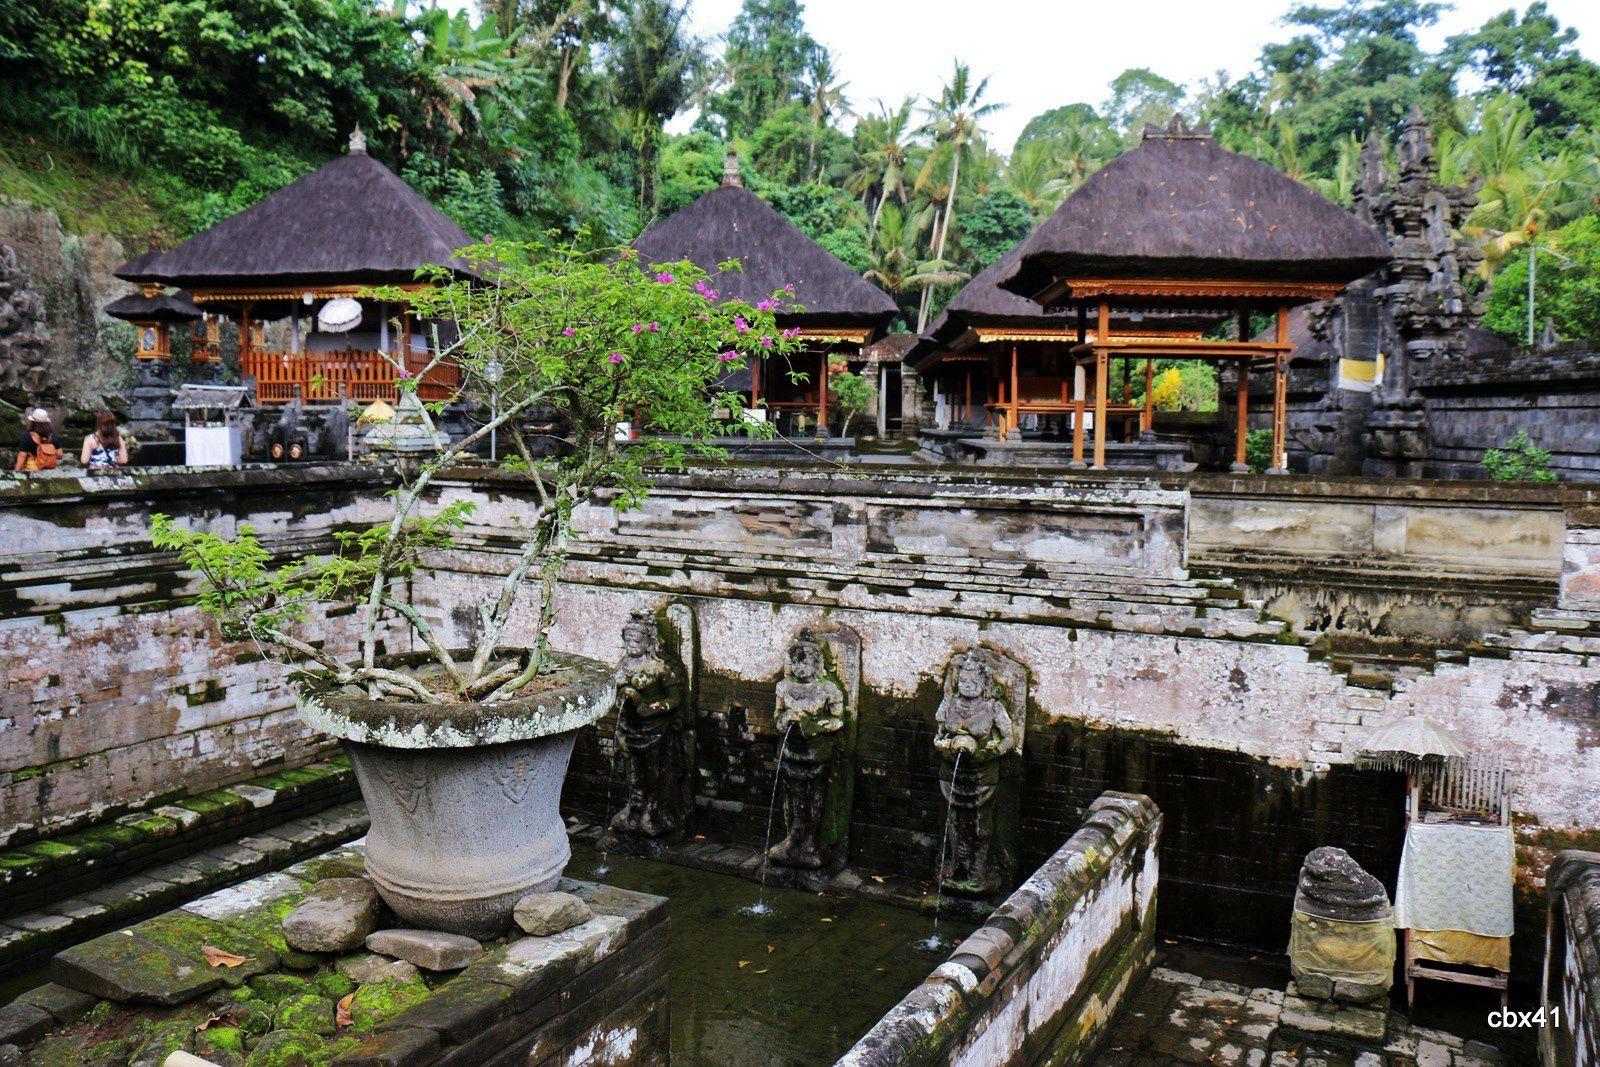 les bains du temple de goa gajah grotte de l 39 l phant. Black Bedroom Furniture Sets. Home Design Ideas